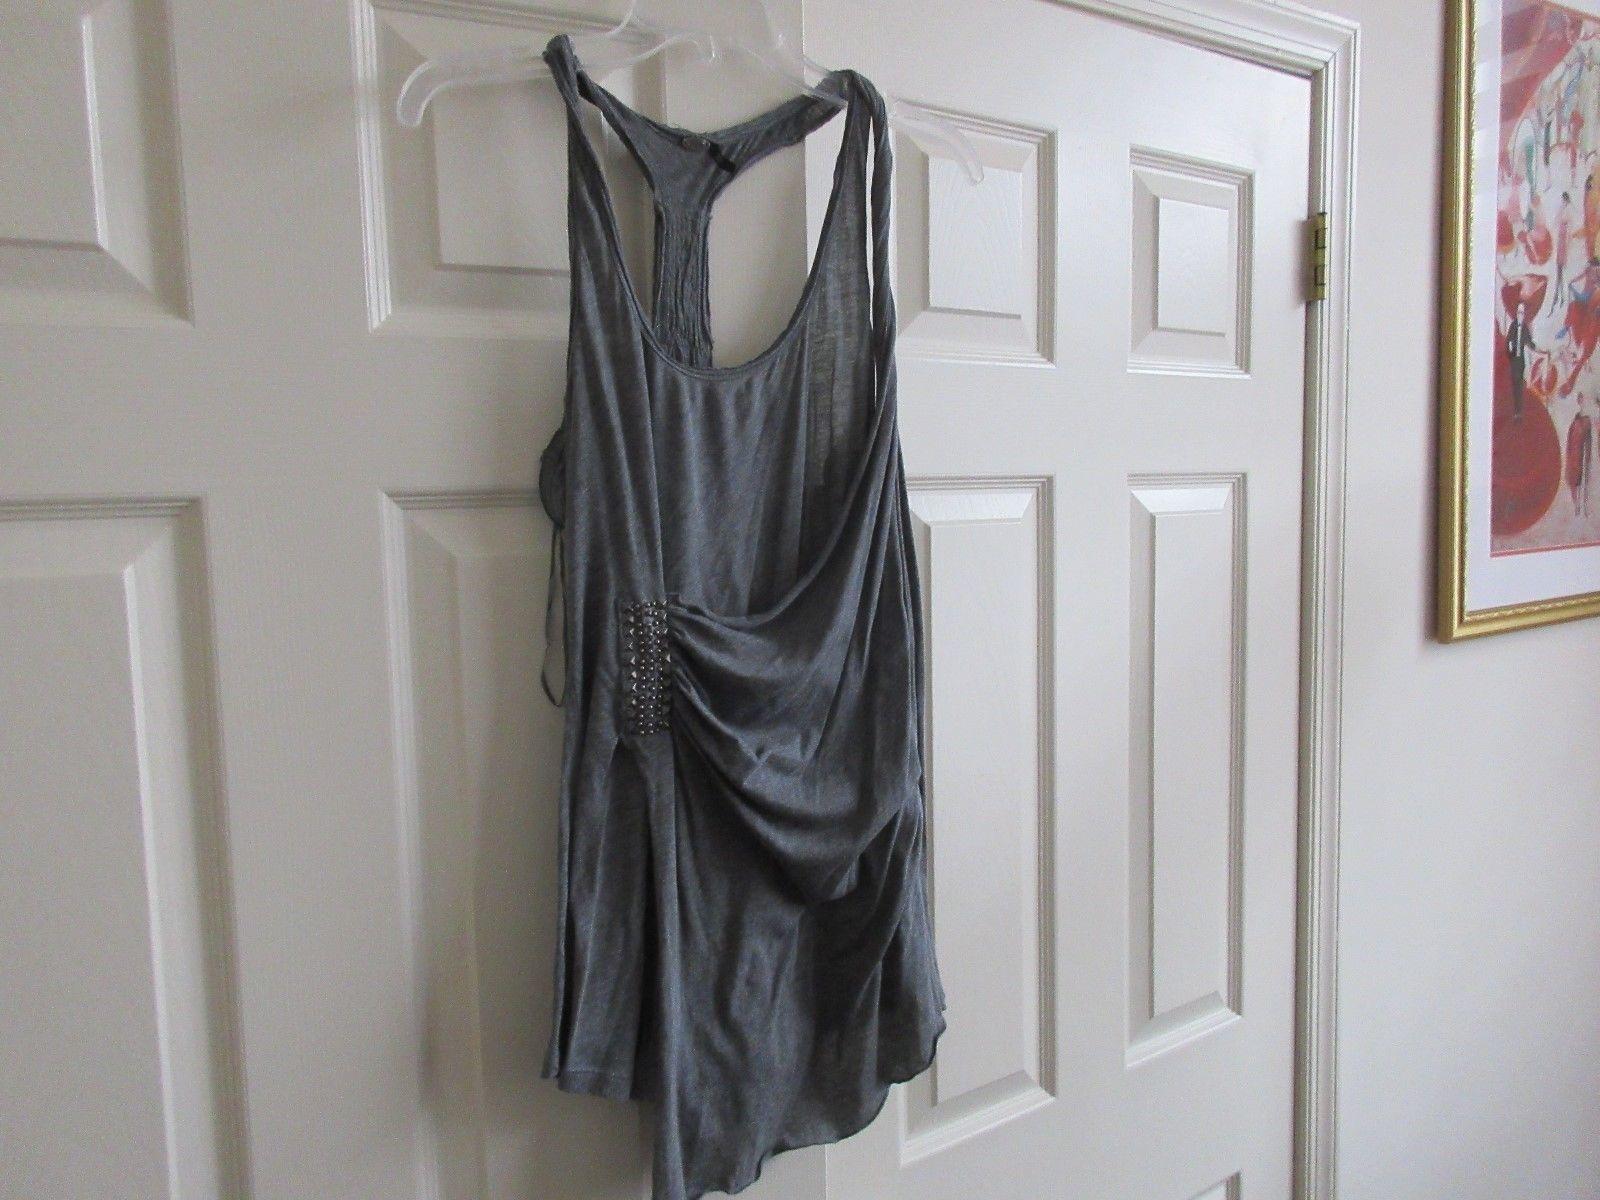 Guess , Women's Top  , Unique Design  ,  Size L  , Grey , Style#W02316G34PO - $25.00